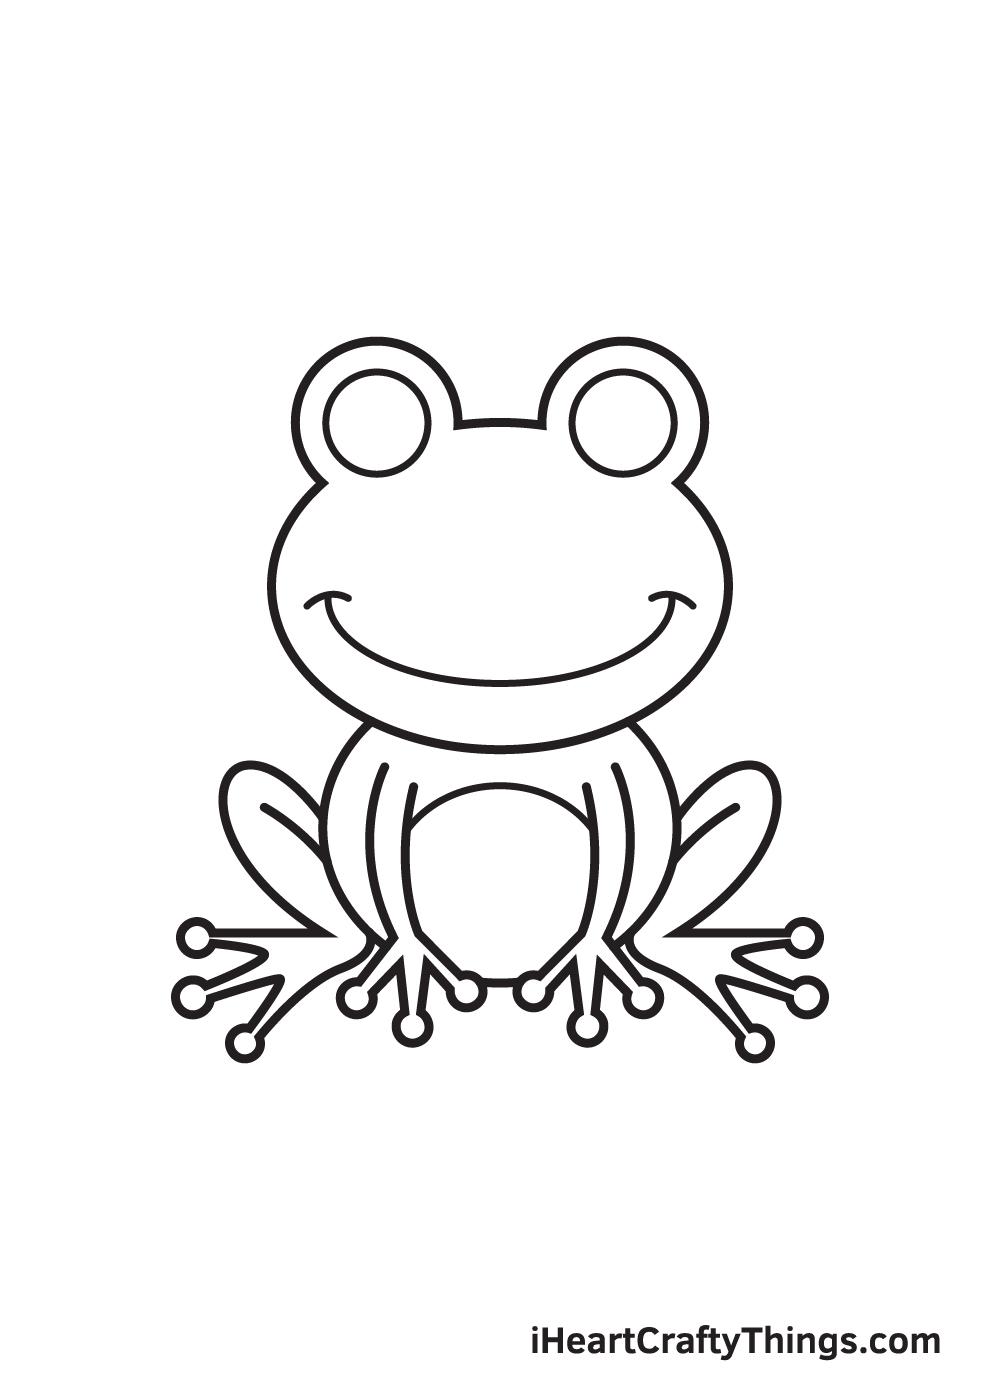 Vẽ ếch - Bước 8